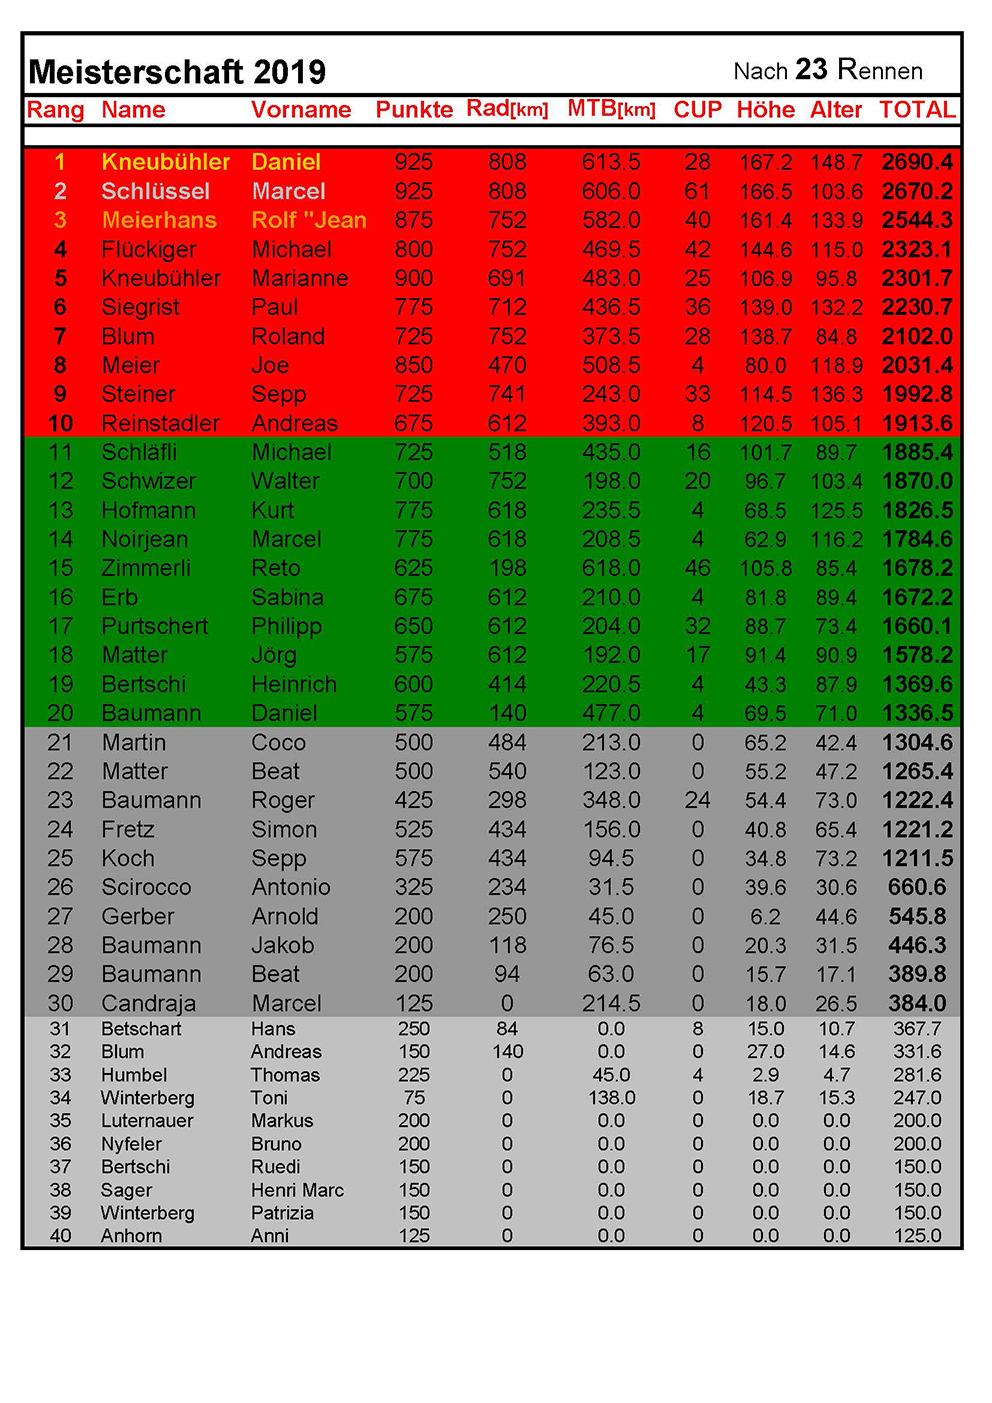 Rangliste2019 - nach 23Rennen